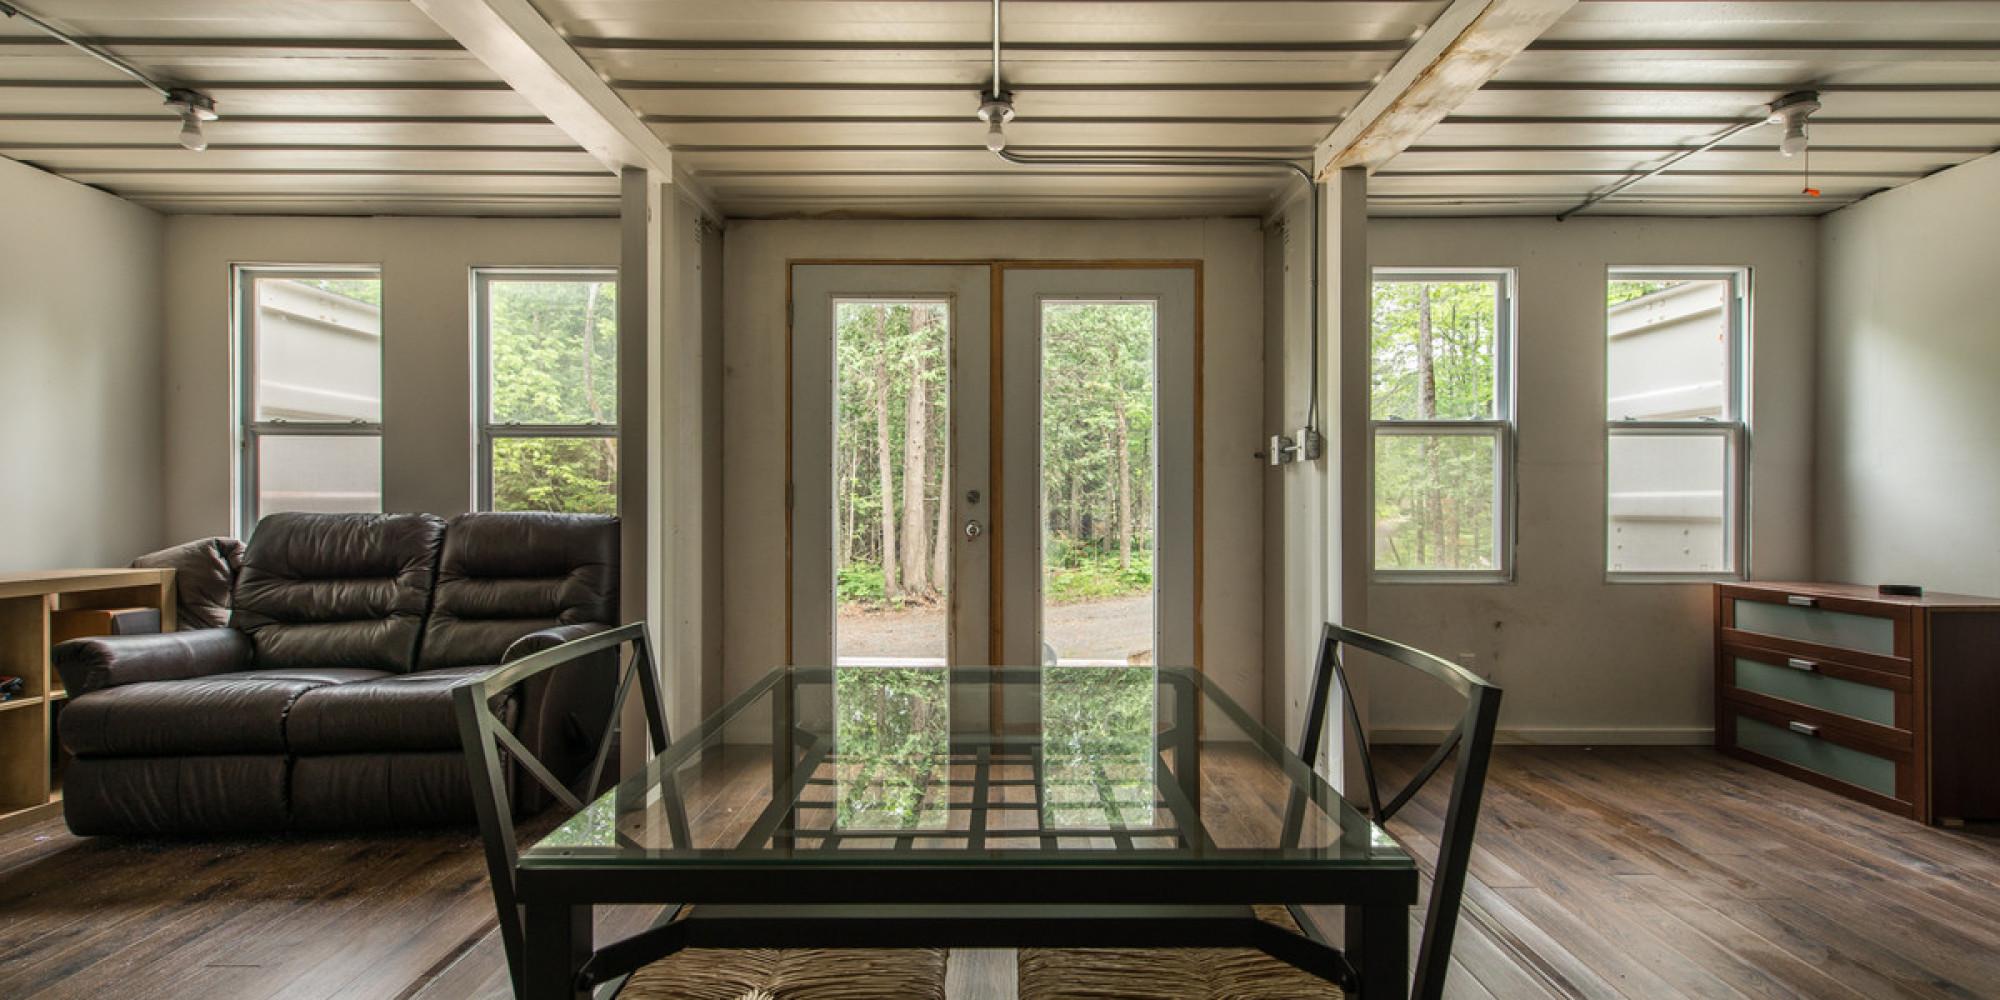 un homme d 39 ottawa a construit une maison conomique pour que les gens puissent se lib rer de. Black Bedroom Furniture Sets. Home Design Ideas